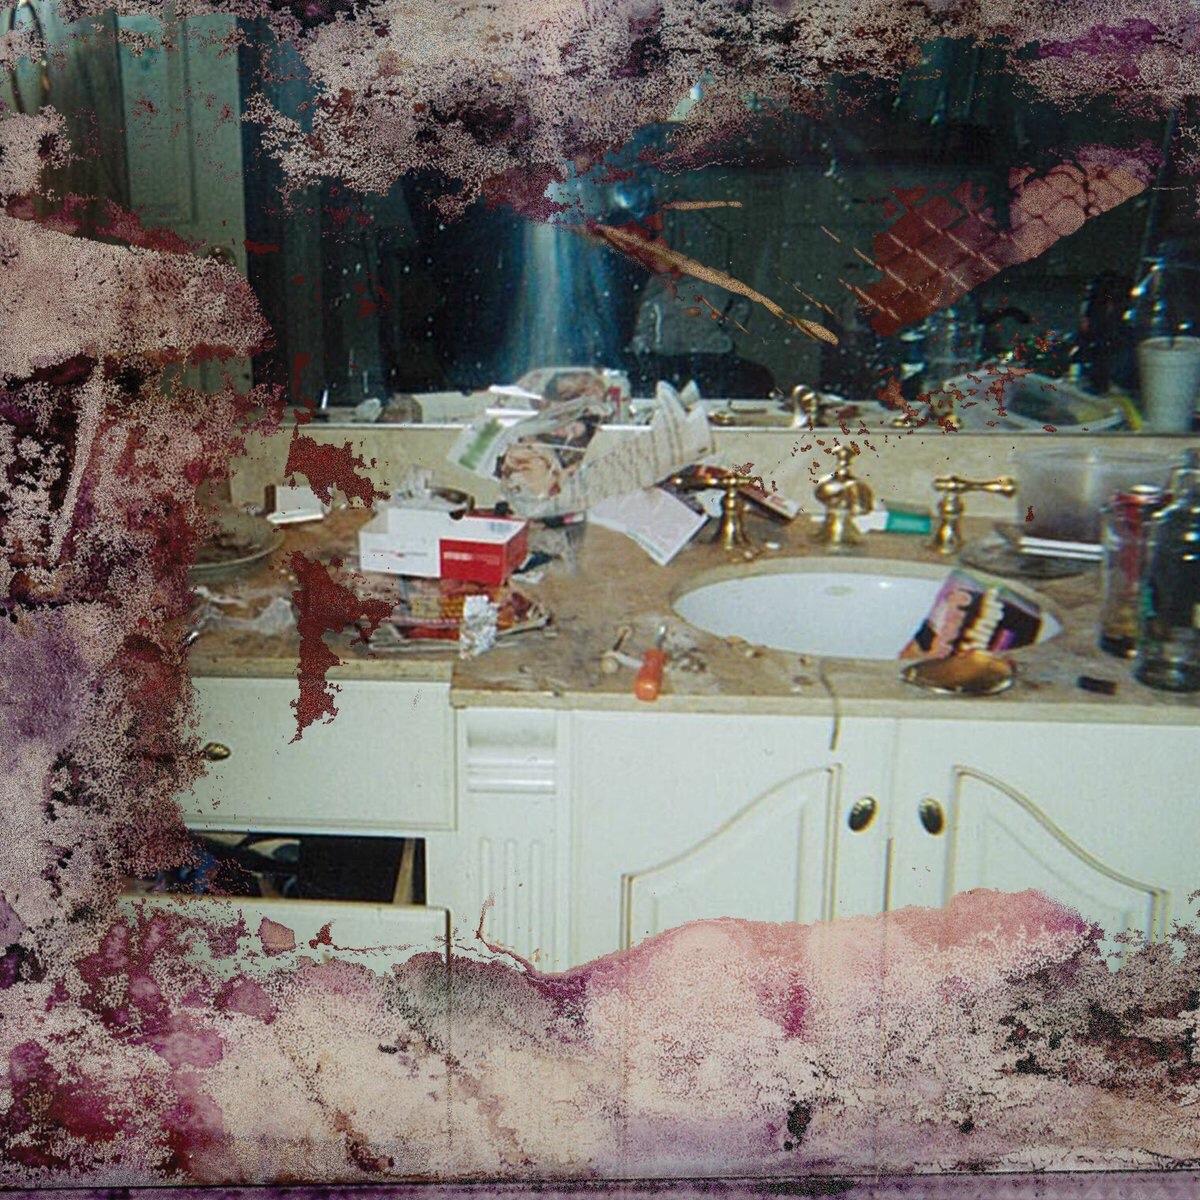 Kanye West Spends $85,000 to Put Whitney Houston Bathroom Photo on Pusha T'sAlbum